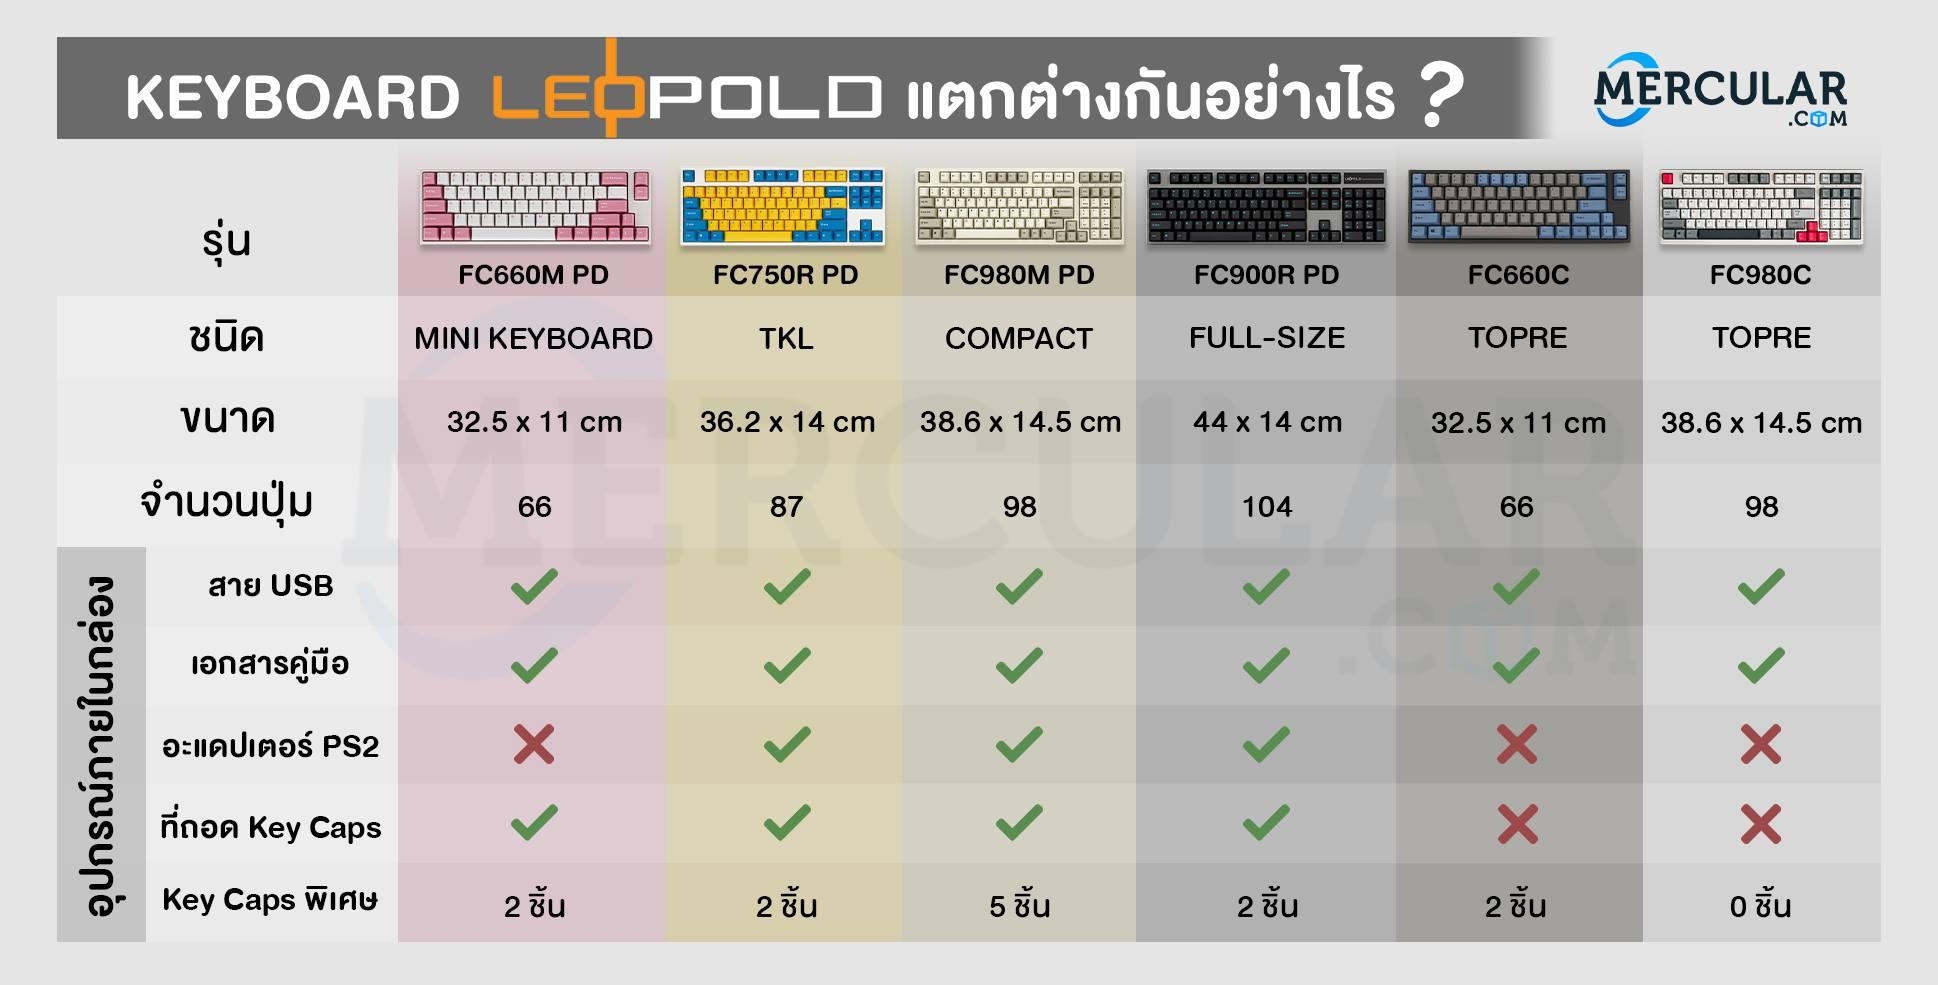 คีย์บอร์ด Leopold FC900R Mechanical Keyboard ต่างกันยังไง